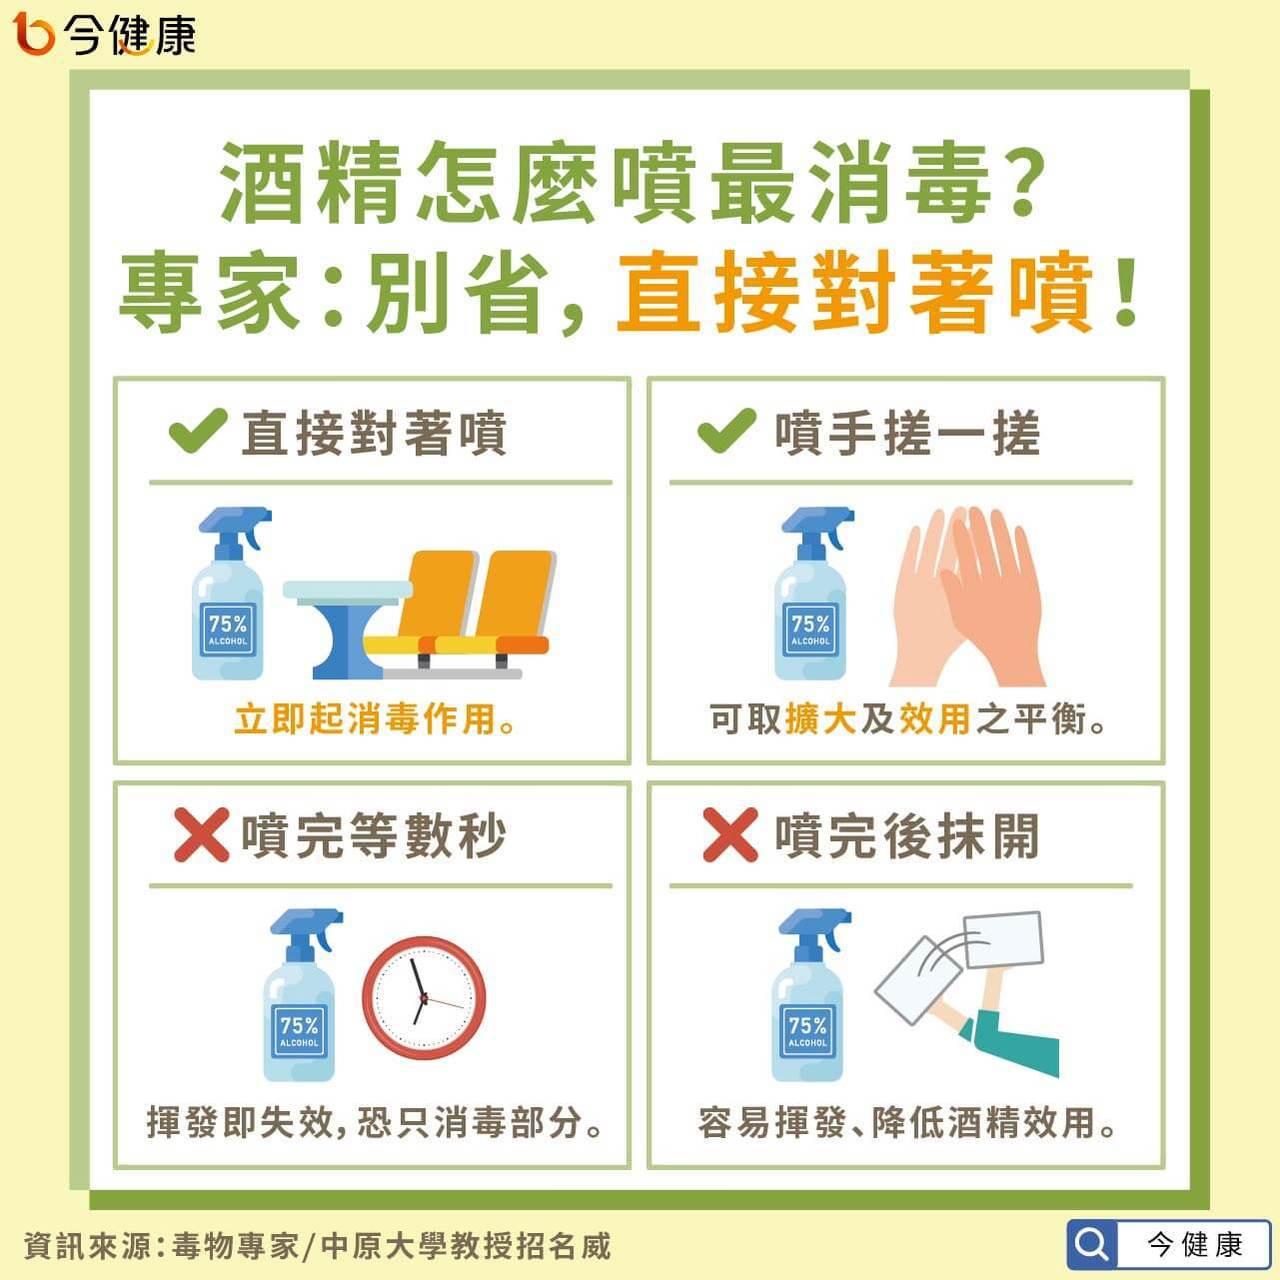 噴酒精時,應直接對著欲消毒的地方進行噴灑,包括手或物品,此消毒方式是最好的。 圖...